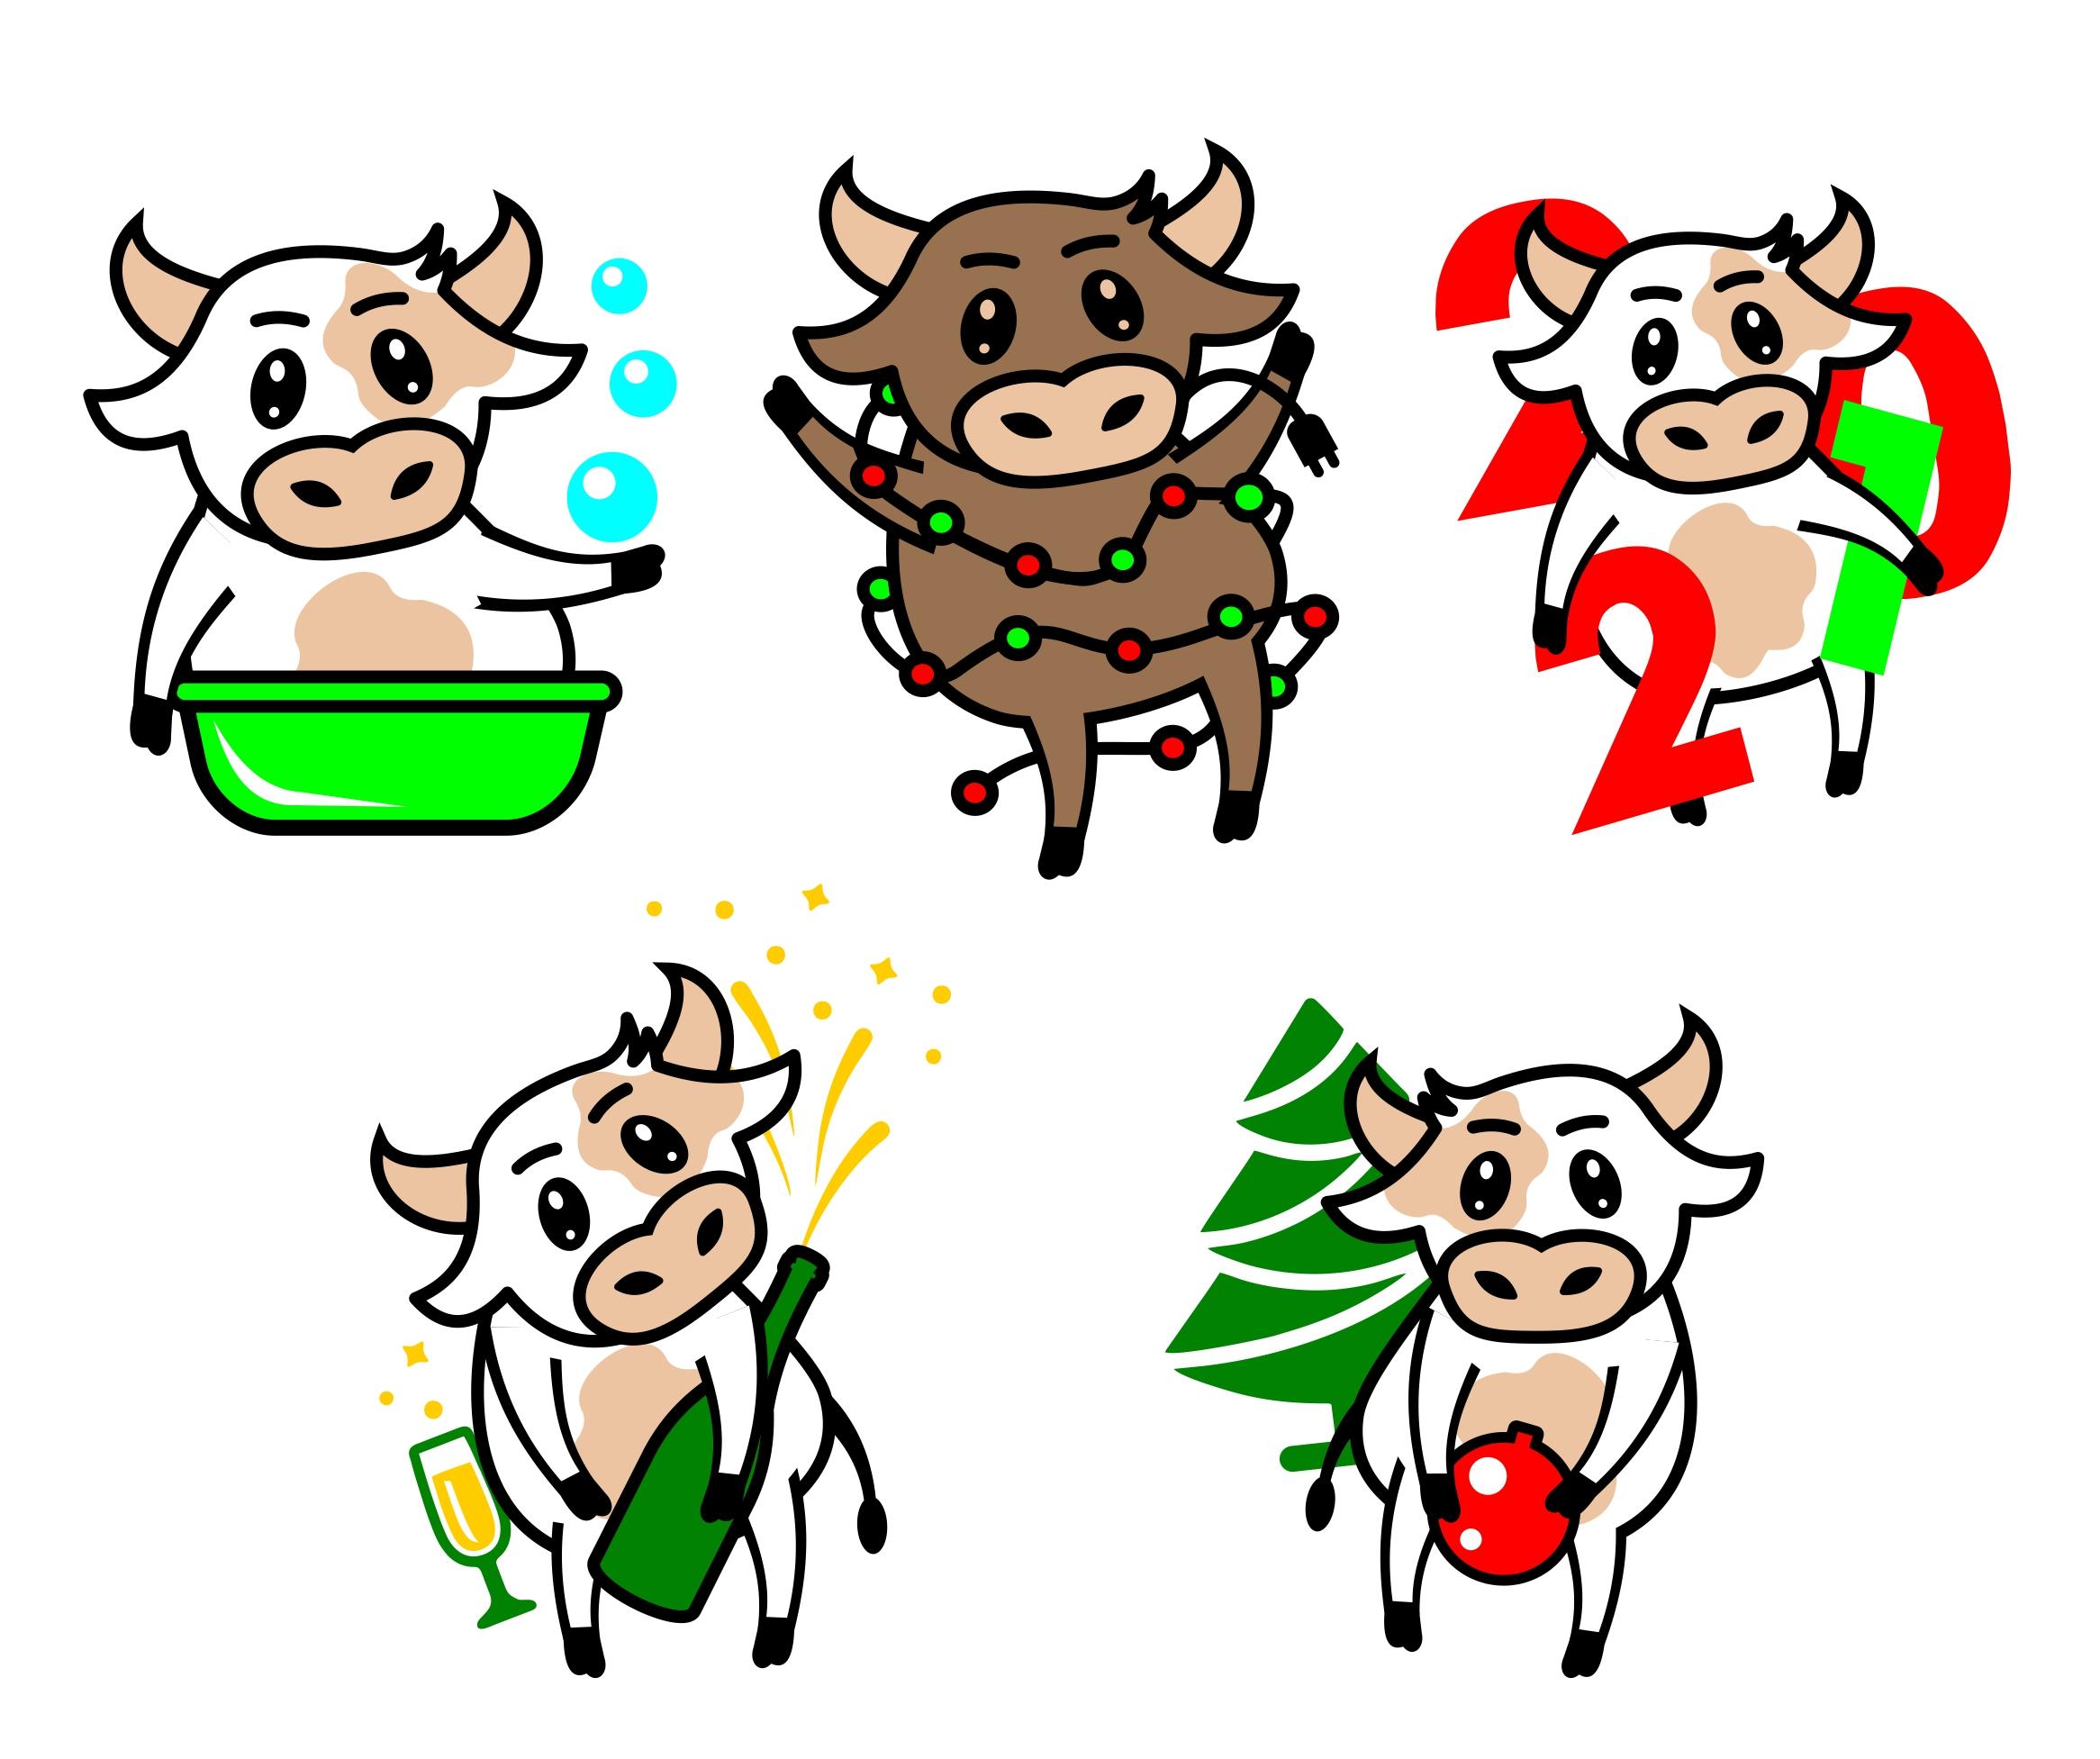 Создать рисунки быков, символа 2021 года, для реализации в м фото f_4555ee8edbdb859a.jpg